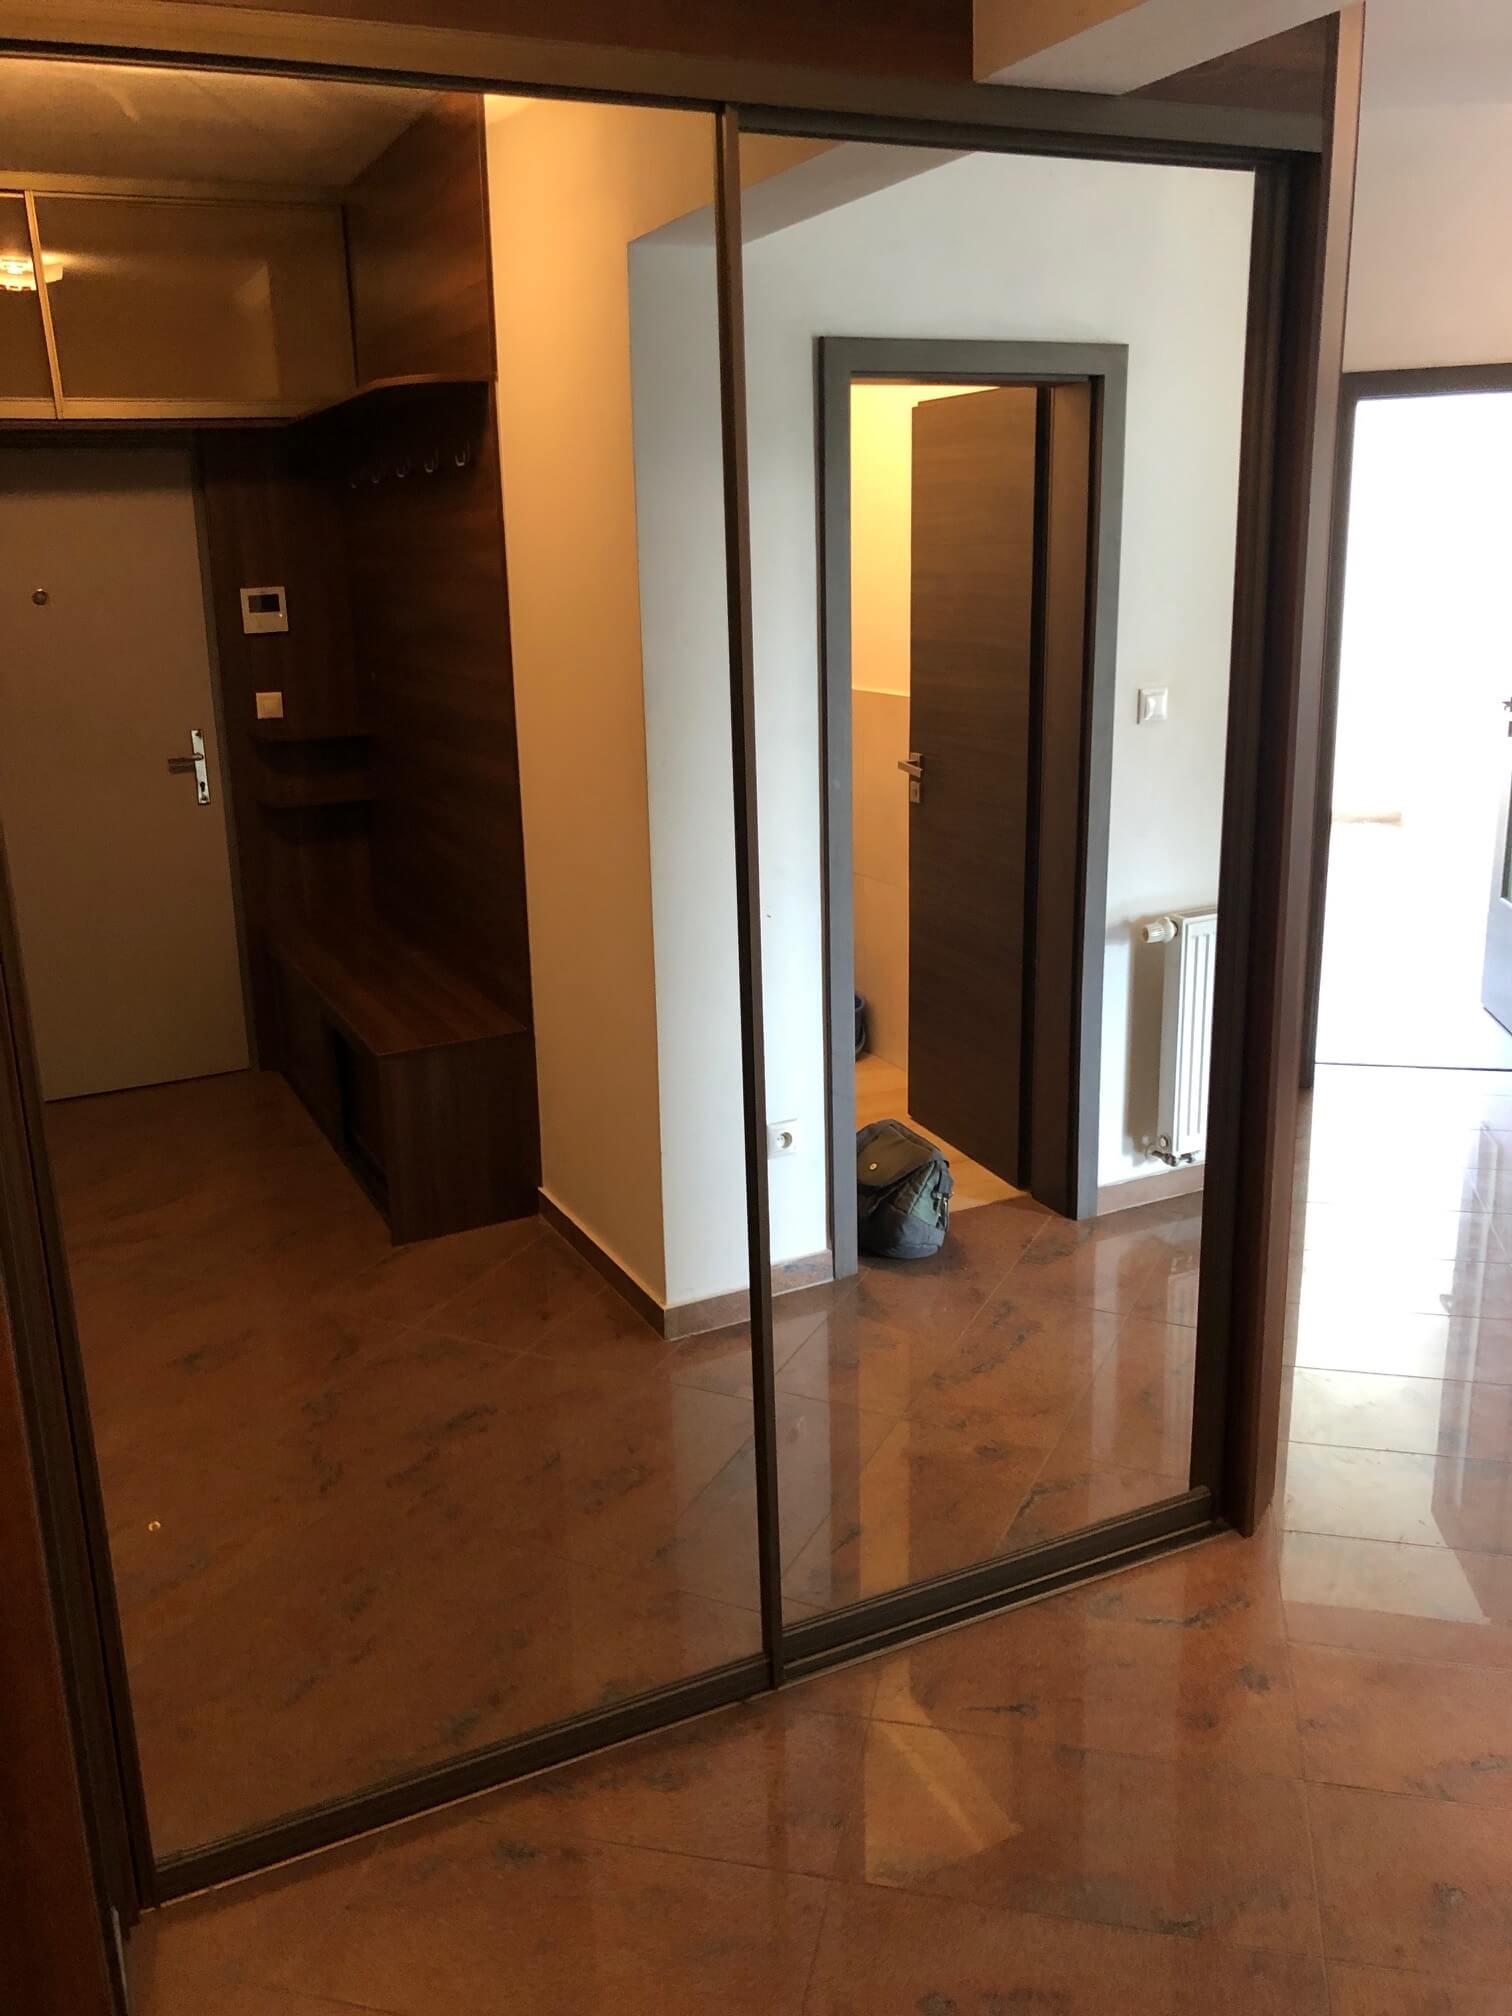 Predané: 3 izbový byt, novostavba, 72,25m2, loggia 4,82m2, Staré Grunty, Karlovka, garážové státie-39